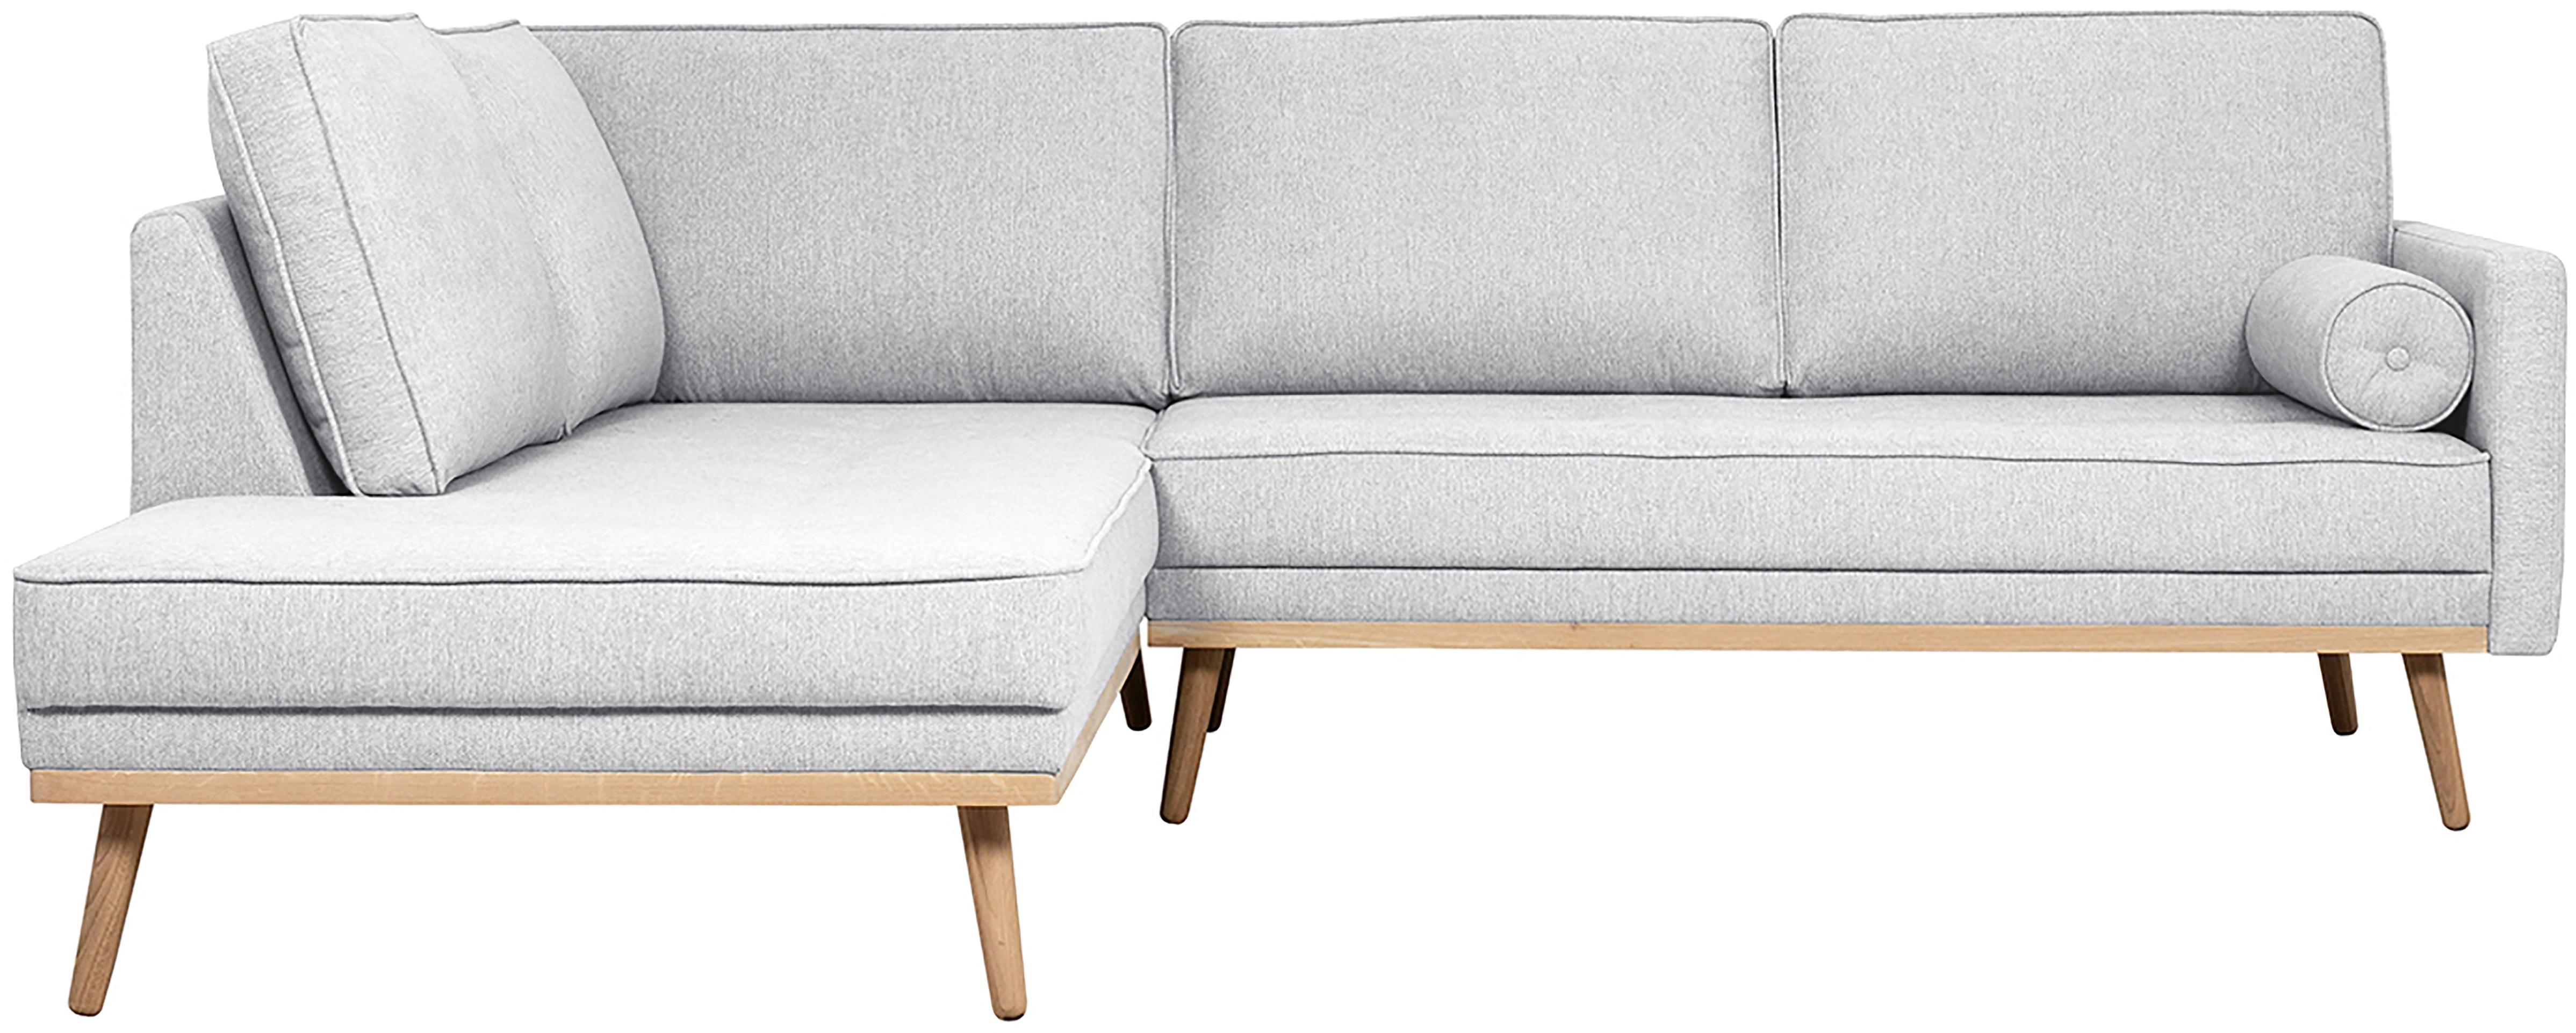 Sofa narożna Saint (3-osobowa), Tapicerka: poliester 50000 cykli w , Stelaż: lite drewno sosnowe, płyt, Jasny szary, S 243 x W 70 cm